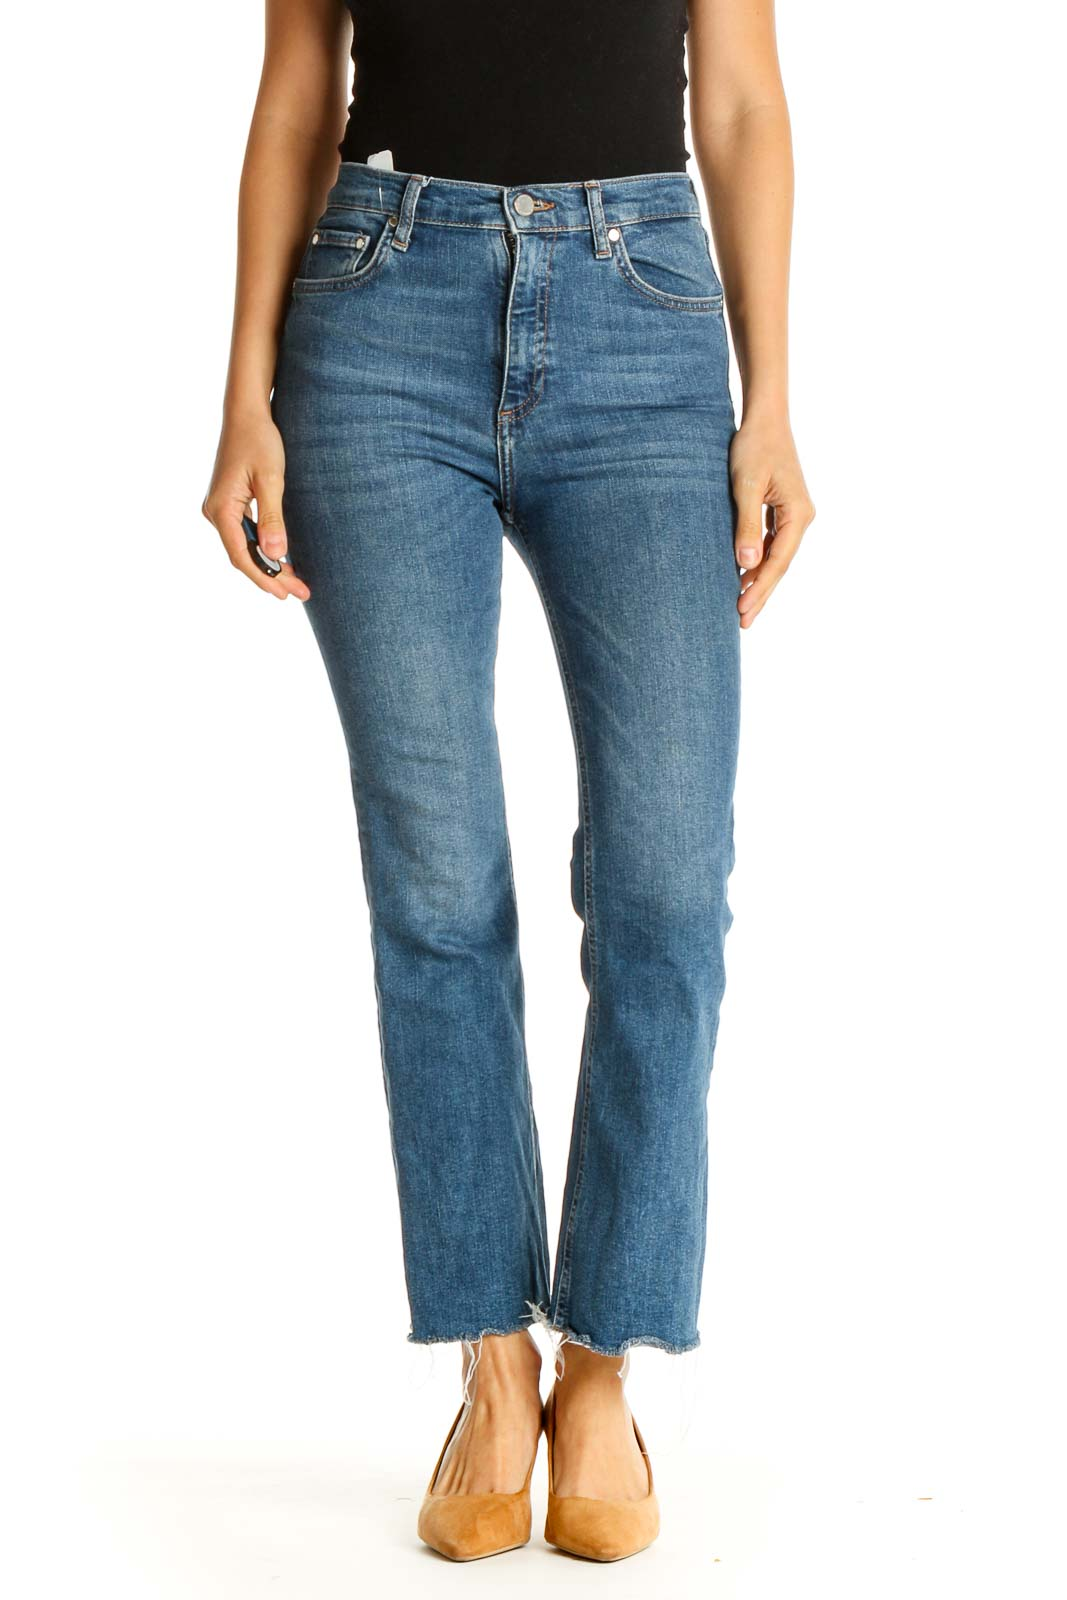 Blue High-Waist Straight Leg Jeans Front